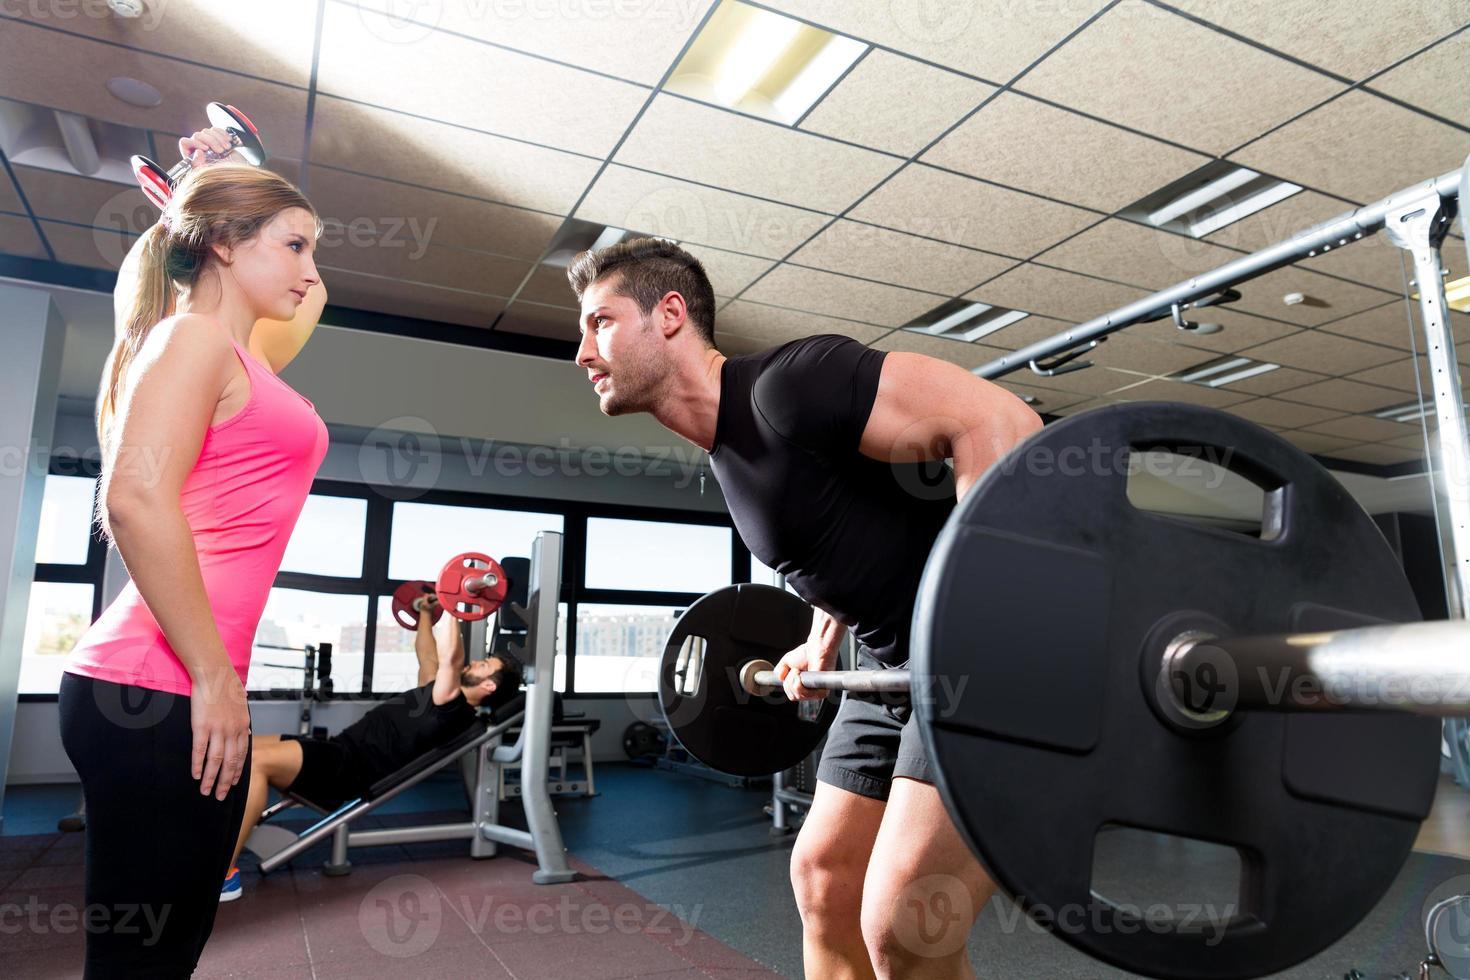 gym haltérophilie couple séance d'entraînement barbell haltère photo